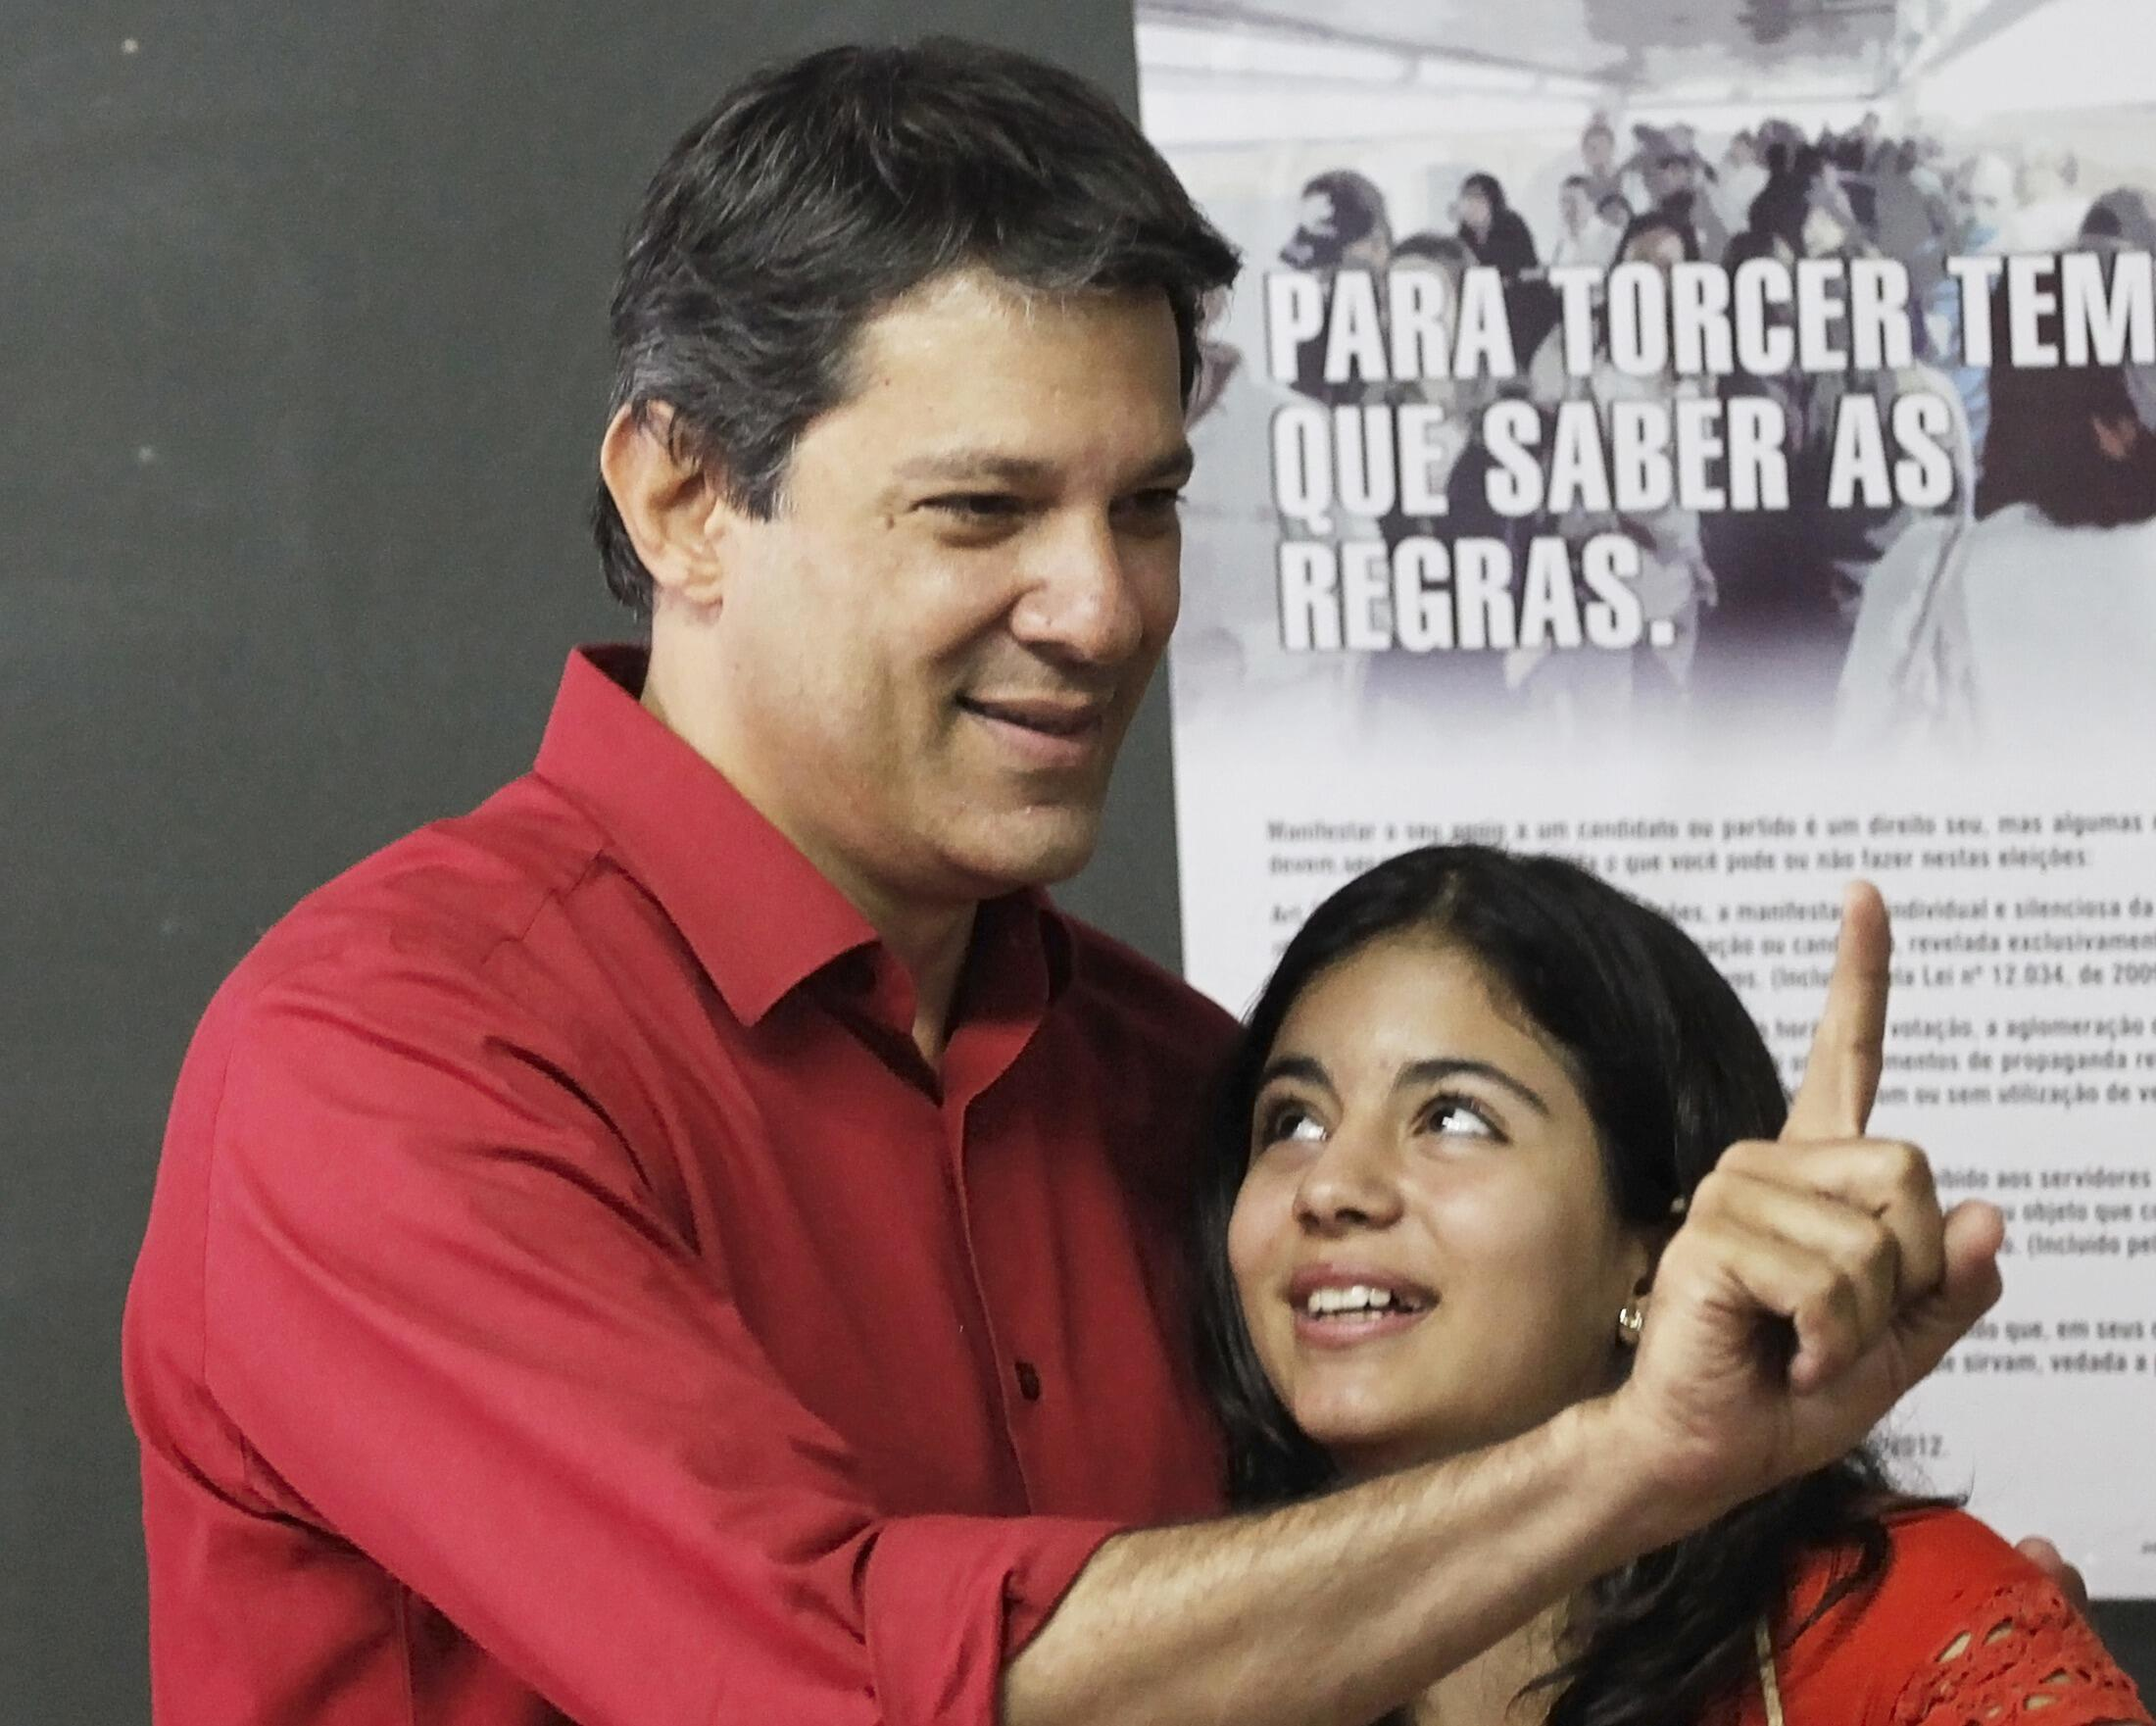 Fernando Haddad votou neste domingo no segundo turno das eleições municipais de São Paulo, acompanhado por sua filha Ana Carolina.